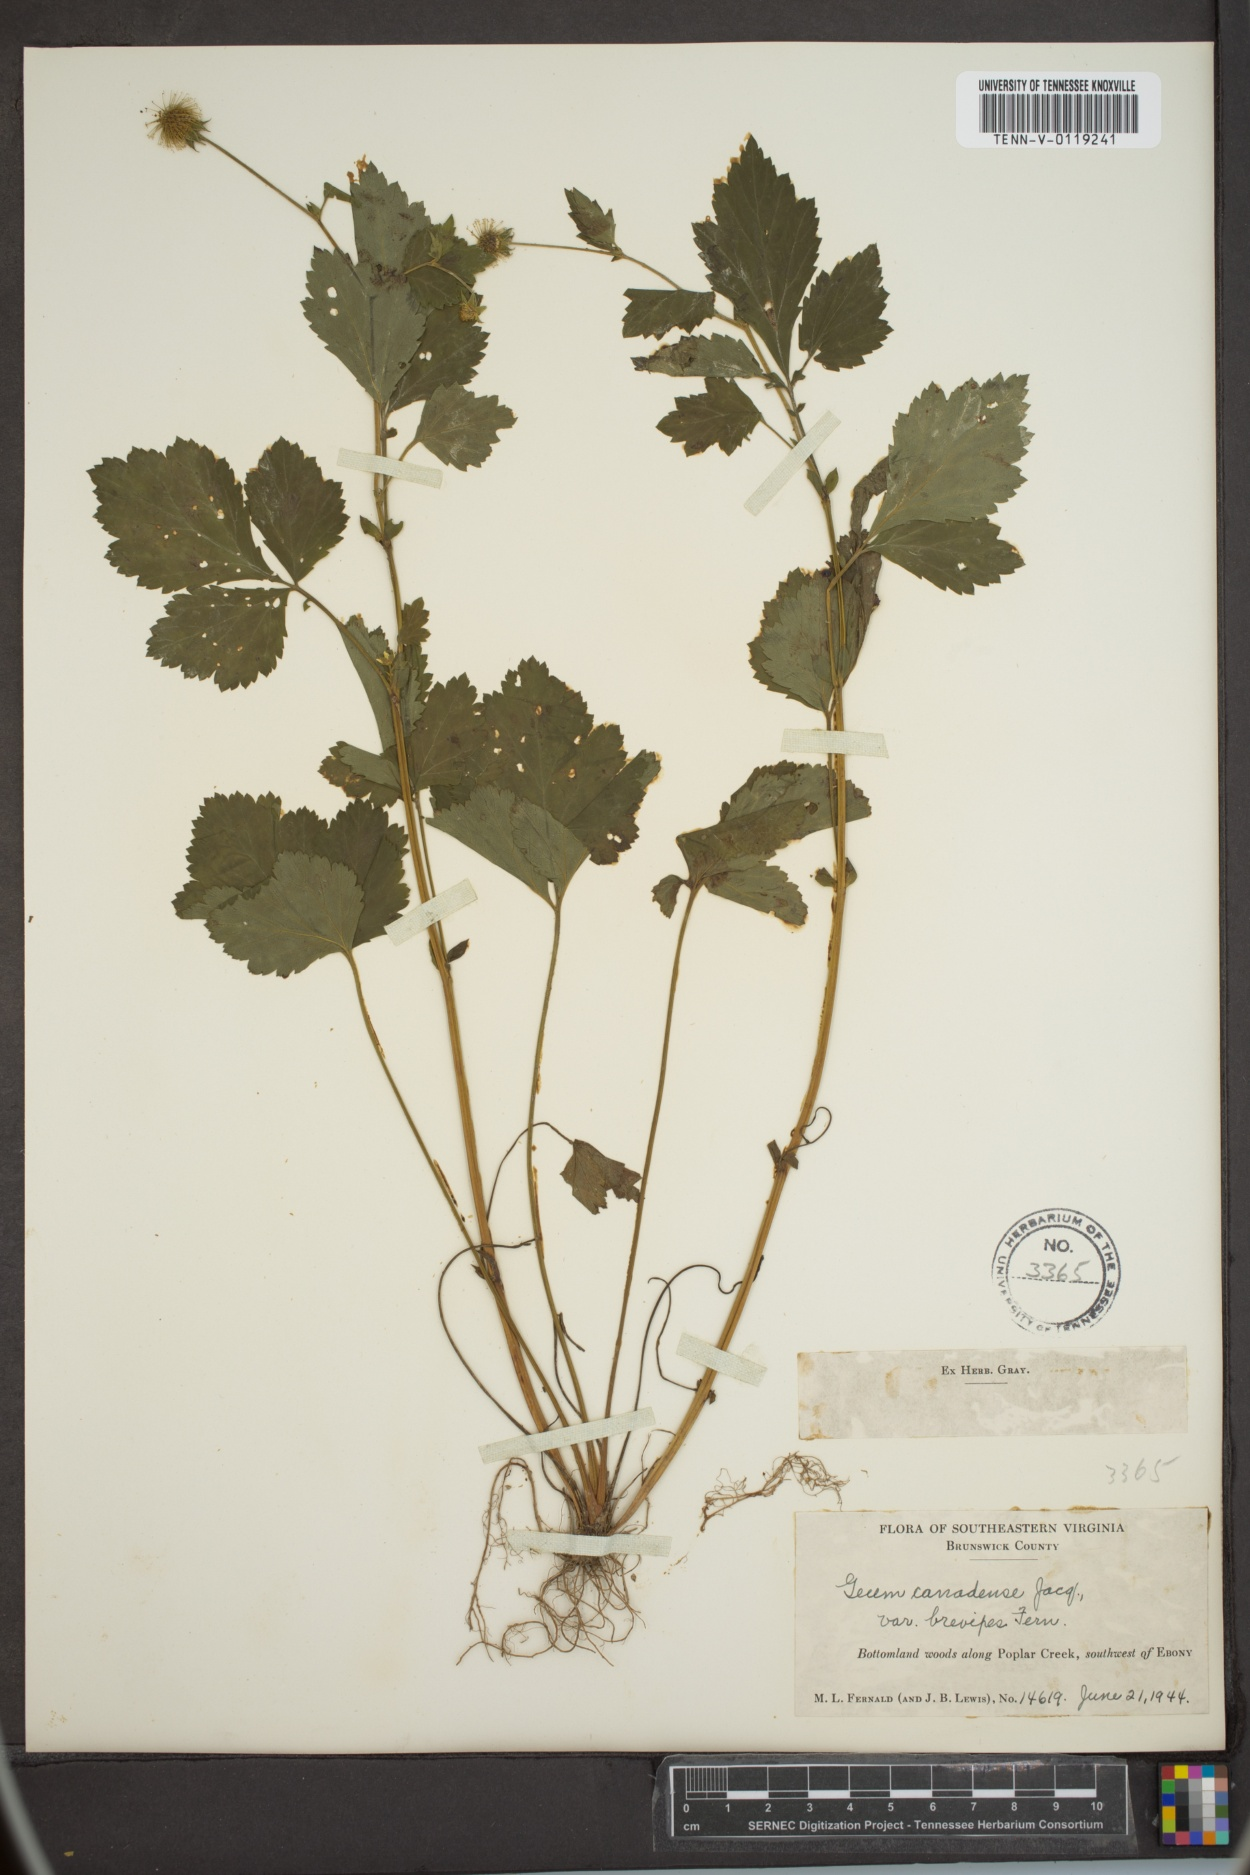 Geum canadense var. brevipes image